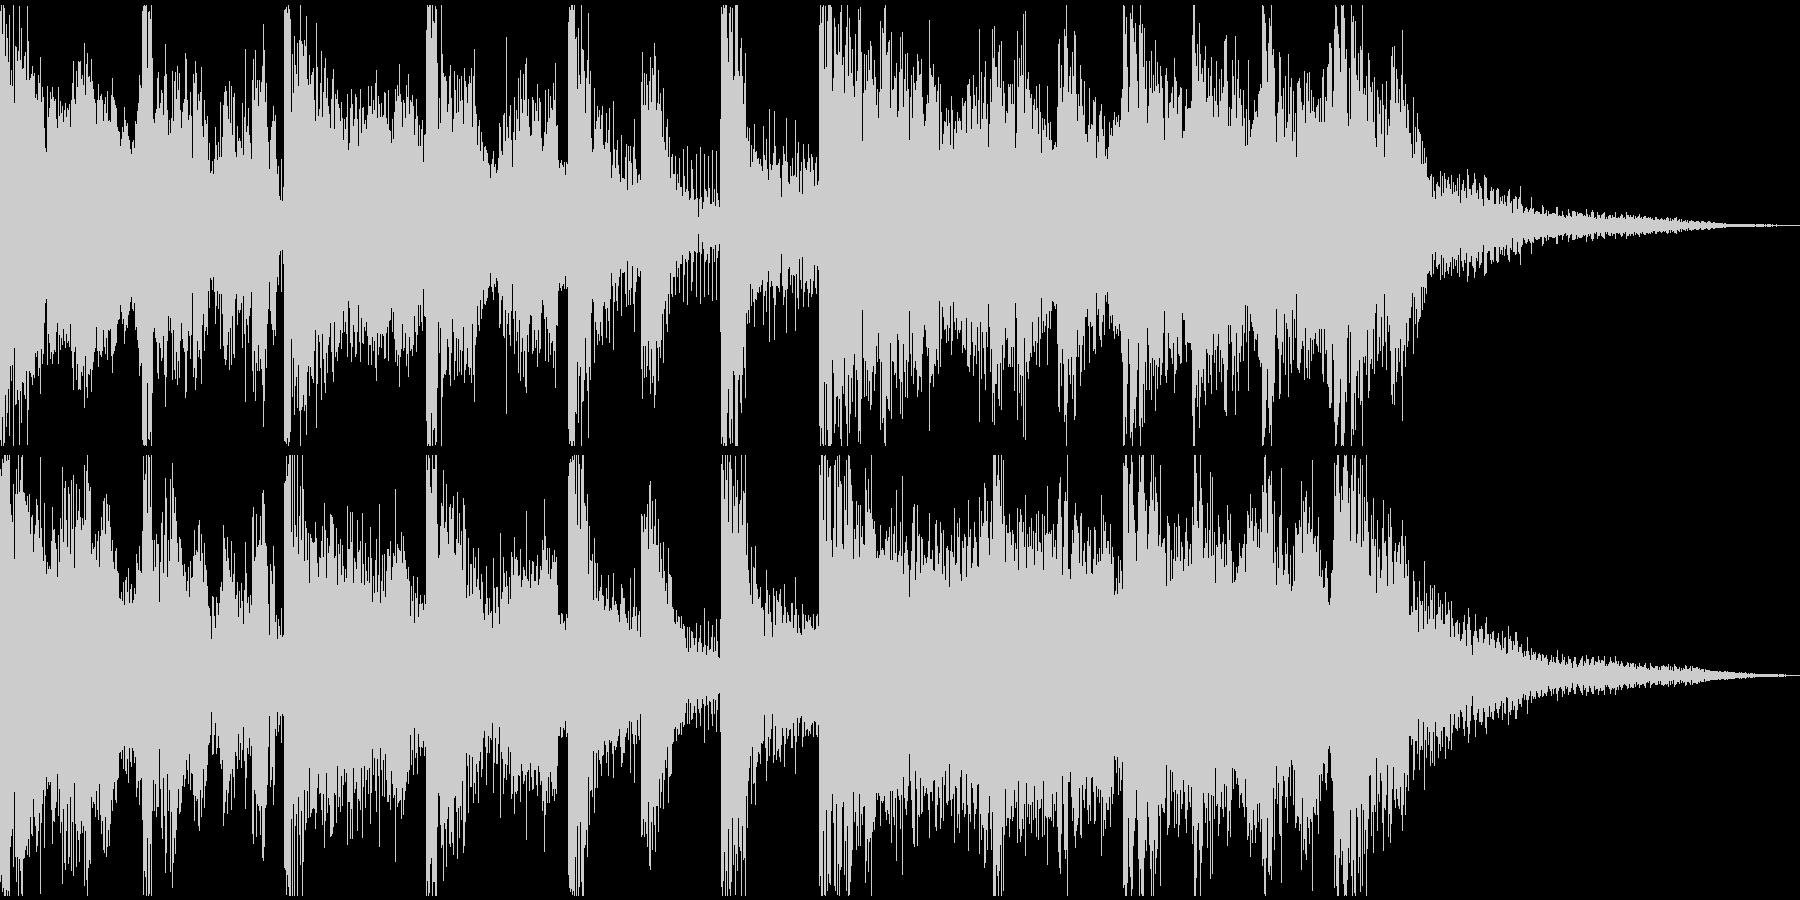 始まりための壮大かつ簡潔なファンファーレの未再生の波形